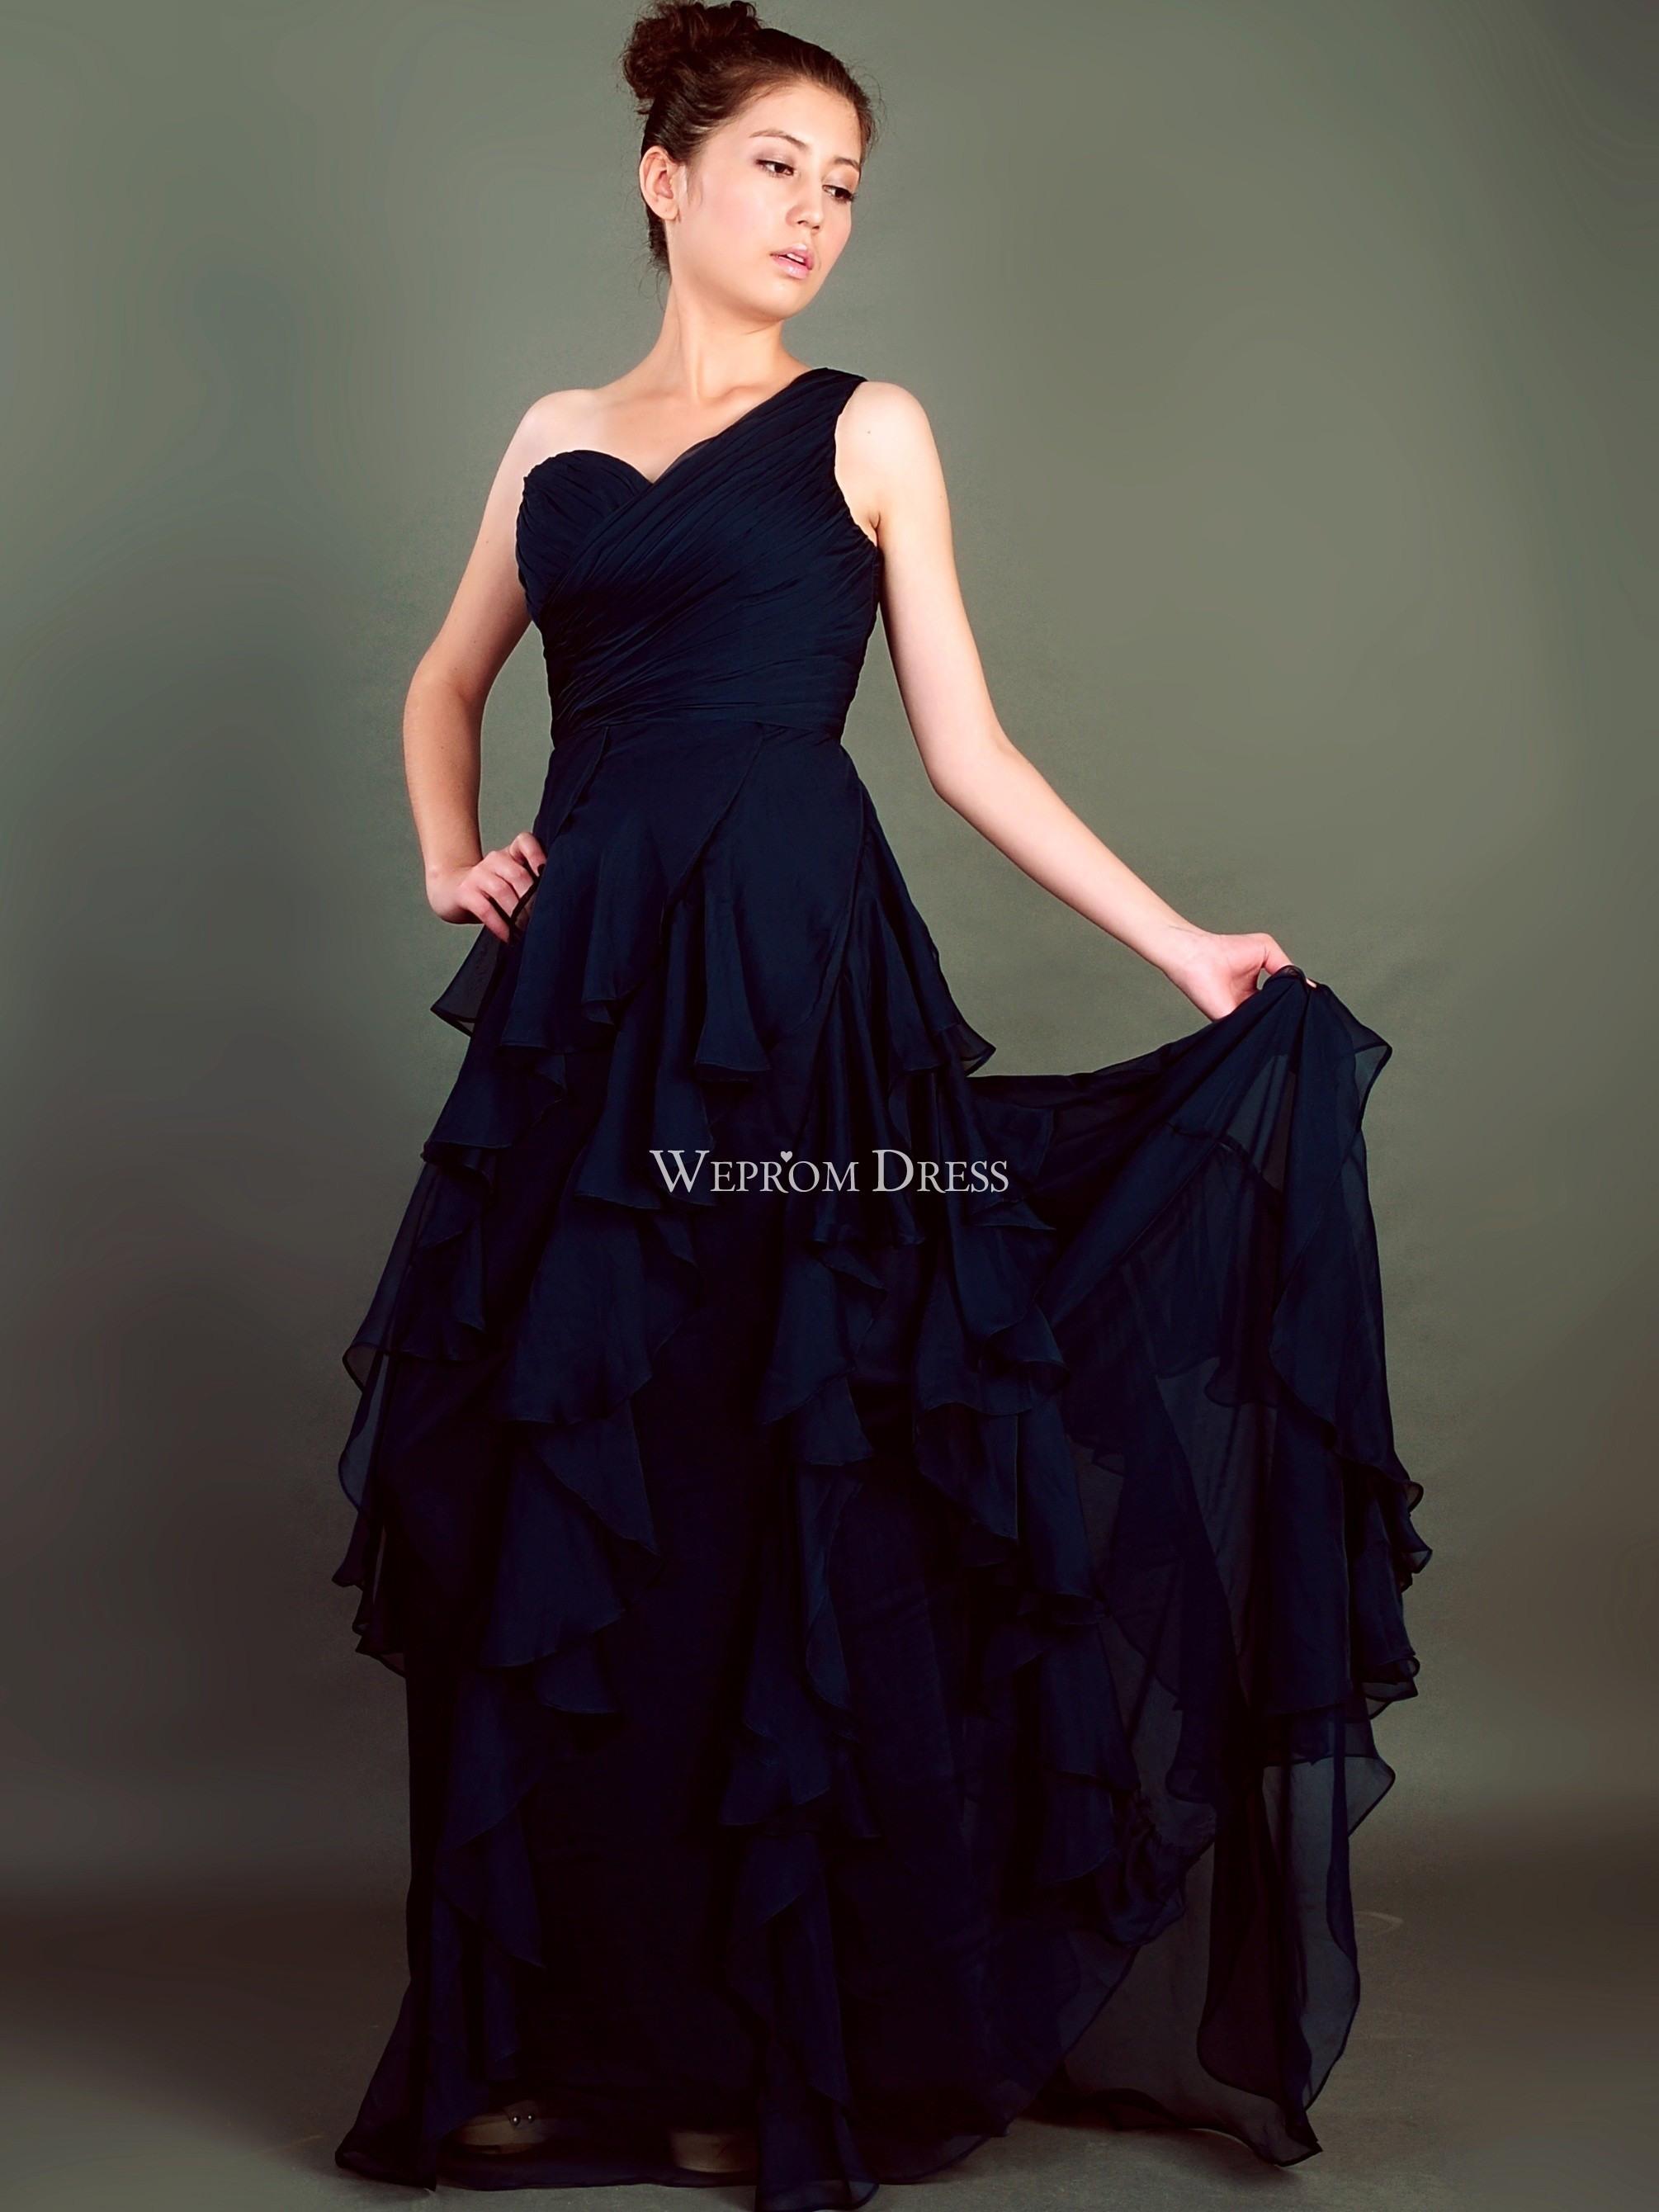 20 Luxus Kleider A Linie Große Größen Stylish15 Ausgezeichnet Kleider A Linie Große Größen Boutique